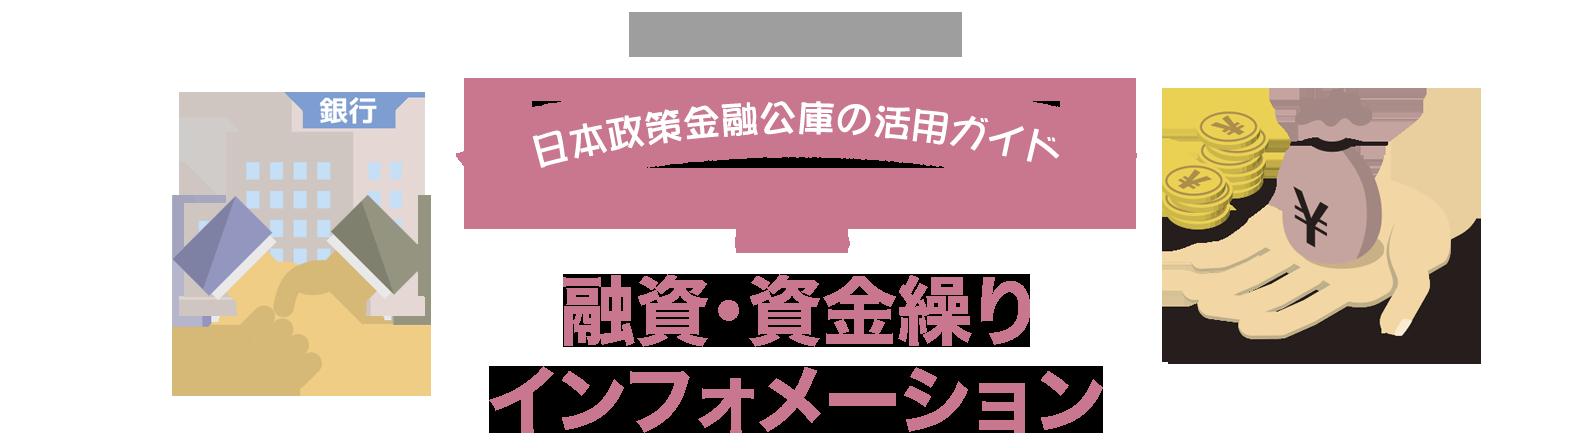 経営者のための『日本政策金融公庫の活用ガイド』融資・資金繰りインフォメーション